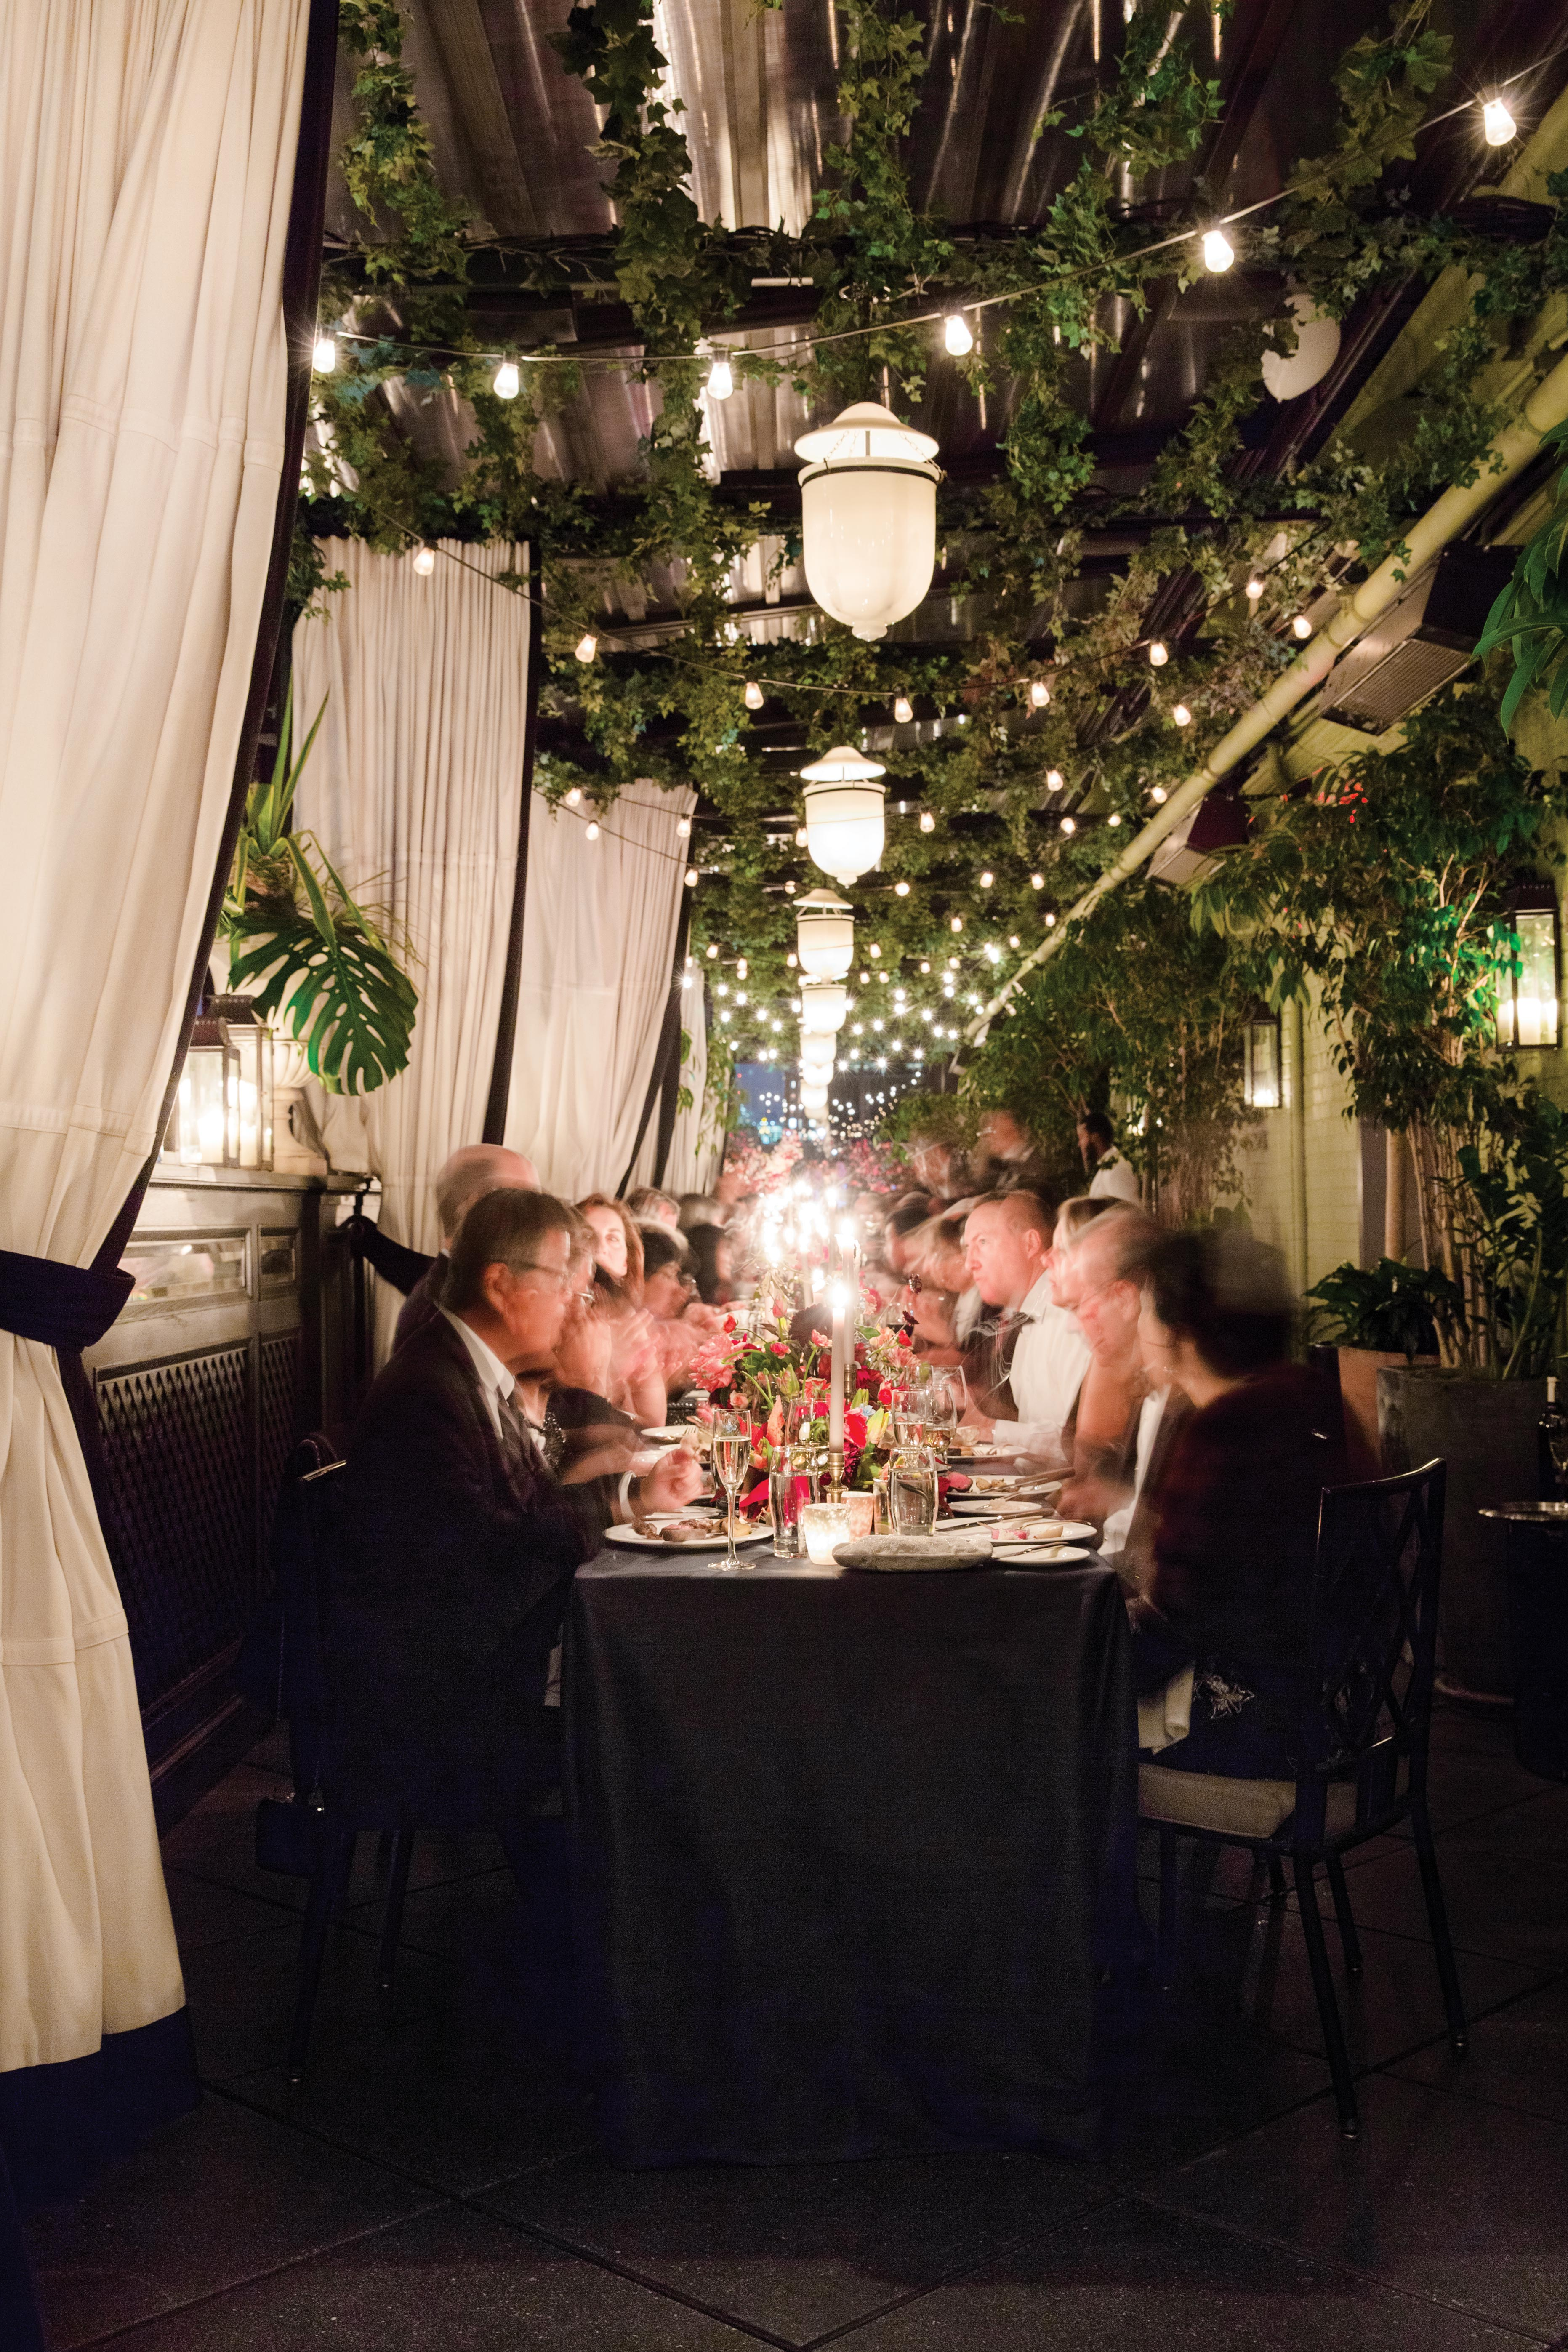 glara matthew wedding guests at tables